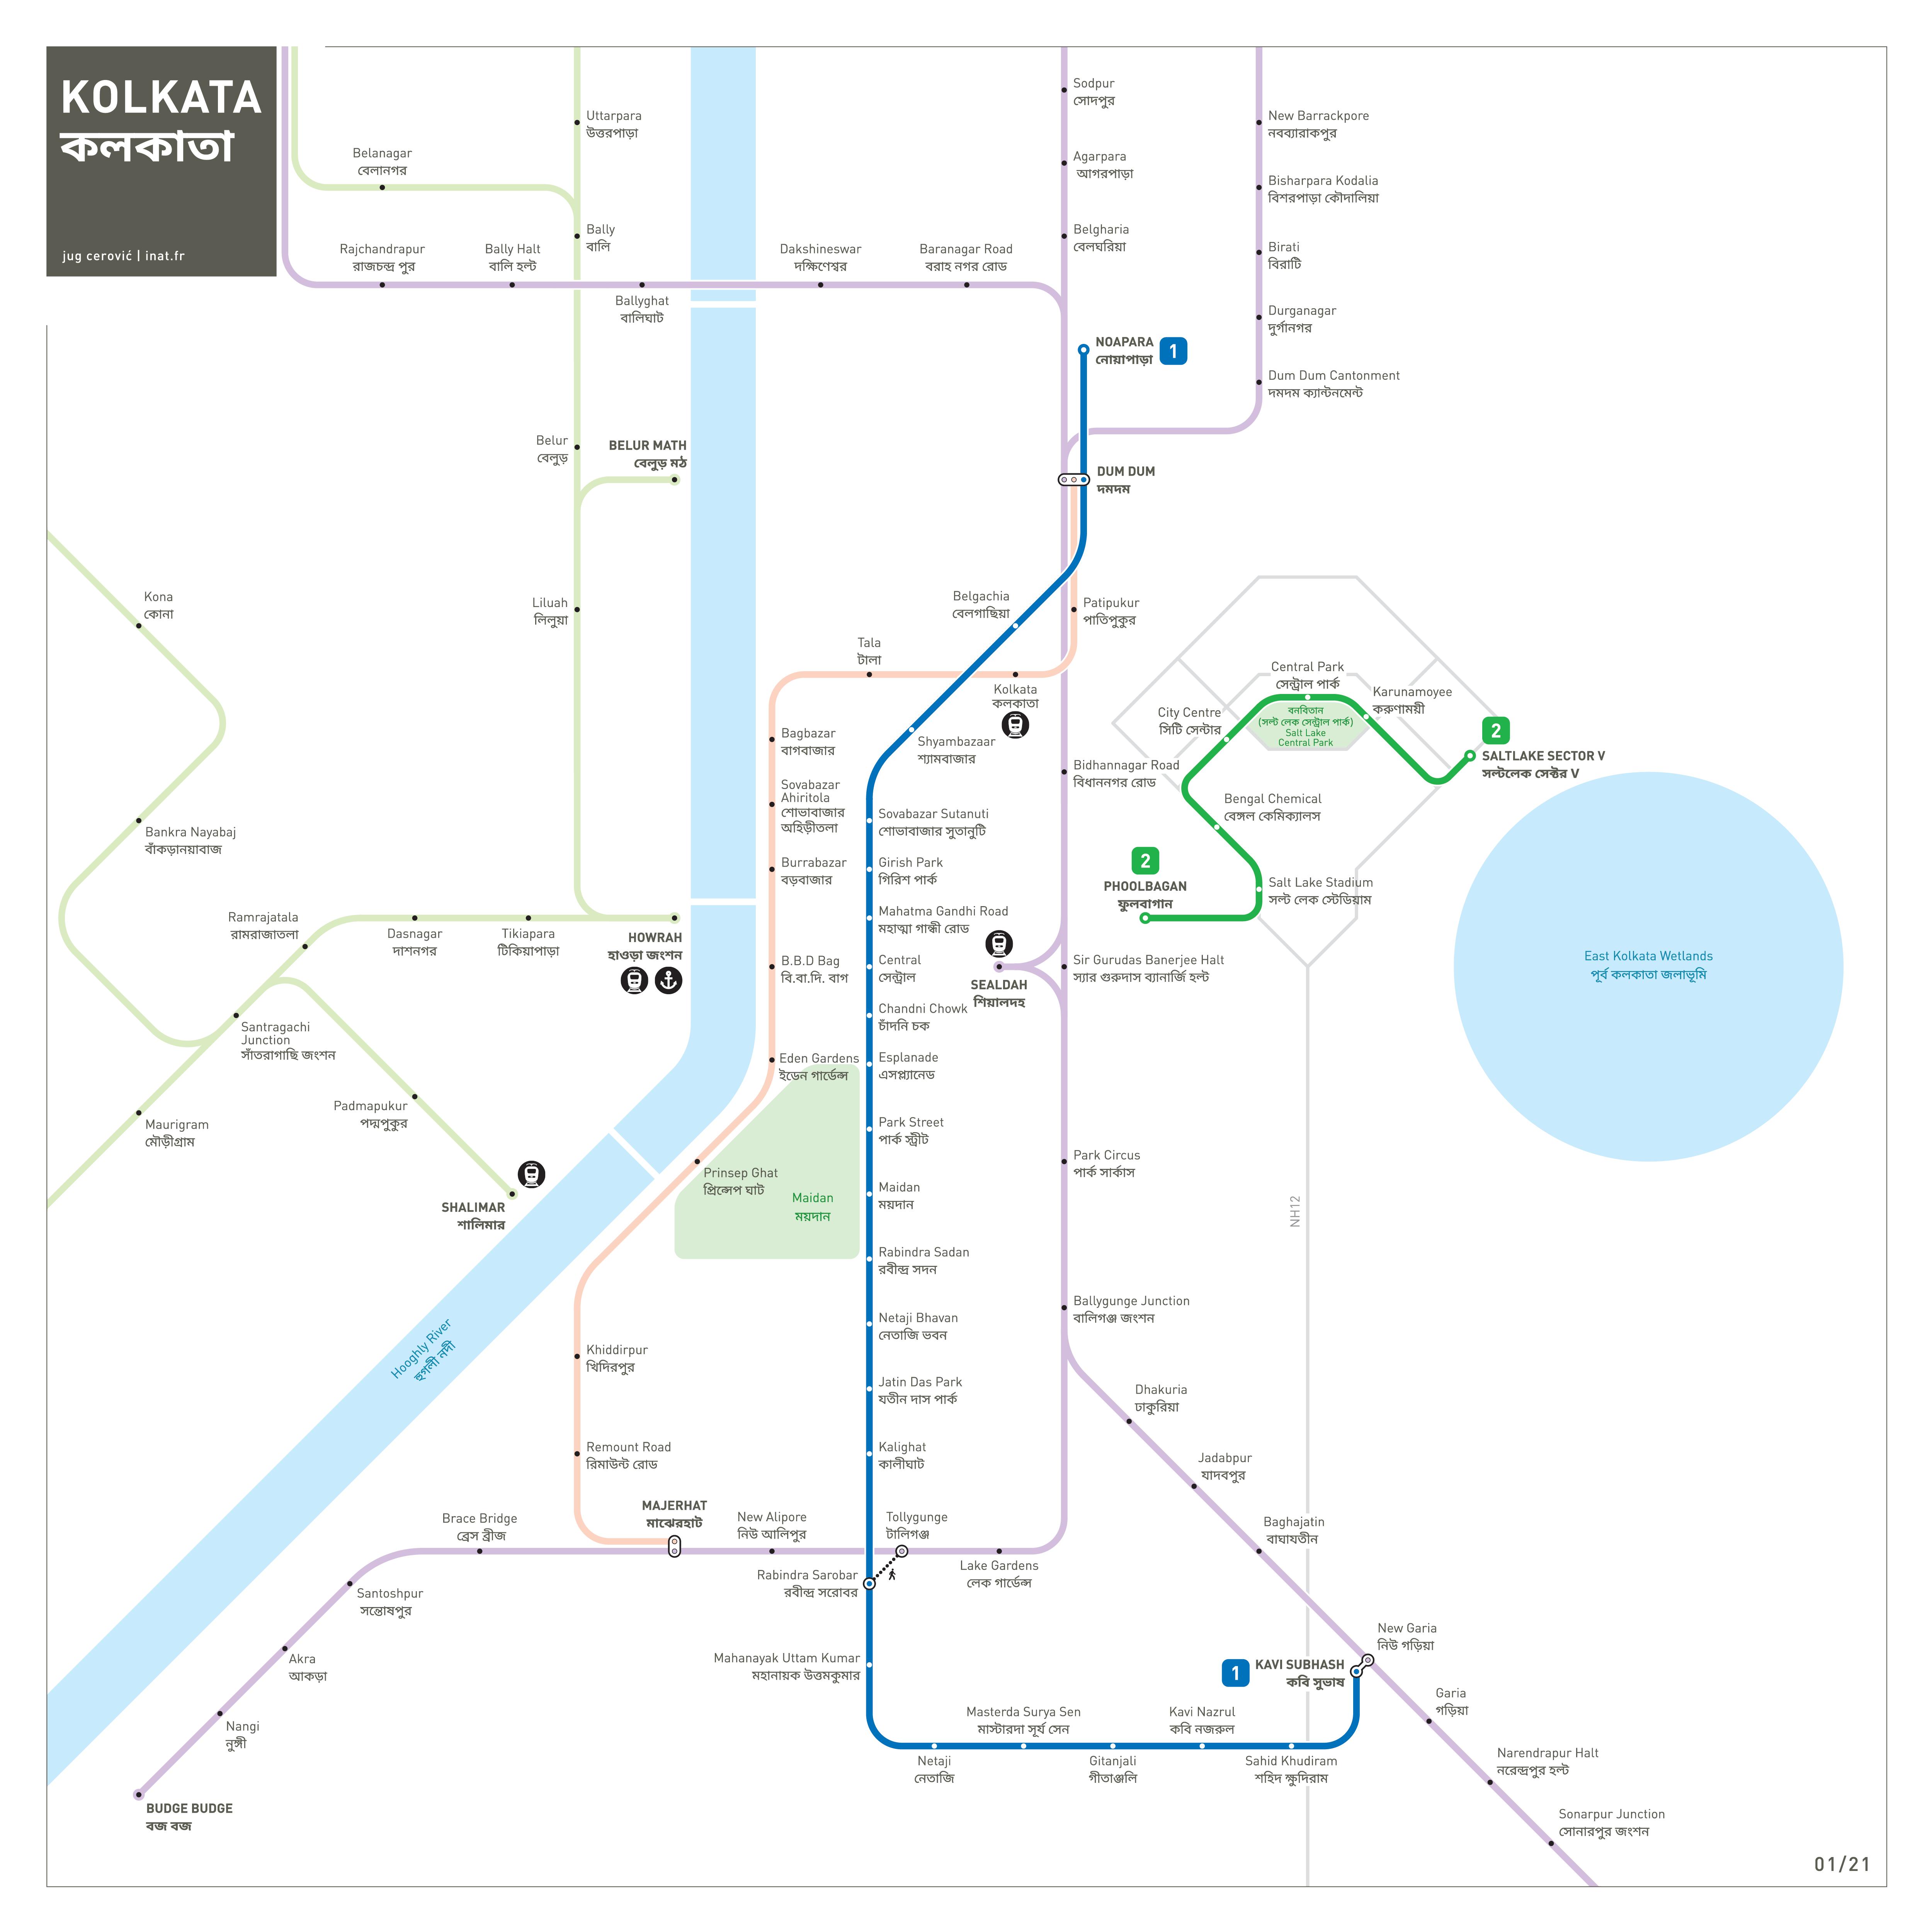 Kolkata Metro Map : inat on andaman islands map, amritsar map, gobi desert map, dhaka map, mumbai map, myanmar map, bangalore map, jaipur map, beijing map, seoul map, bangladesh map, west bengal map, asia map, cairo map, colombo map, indus river map, delhi map, calcutta map, chennai on map, varanasi map,